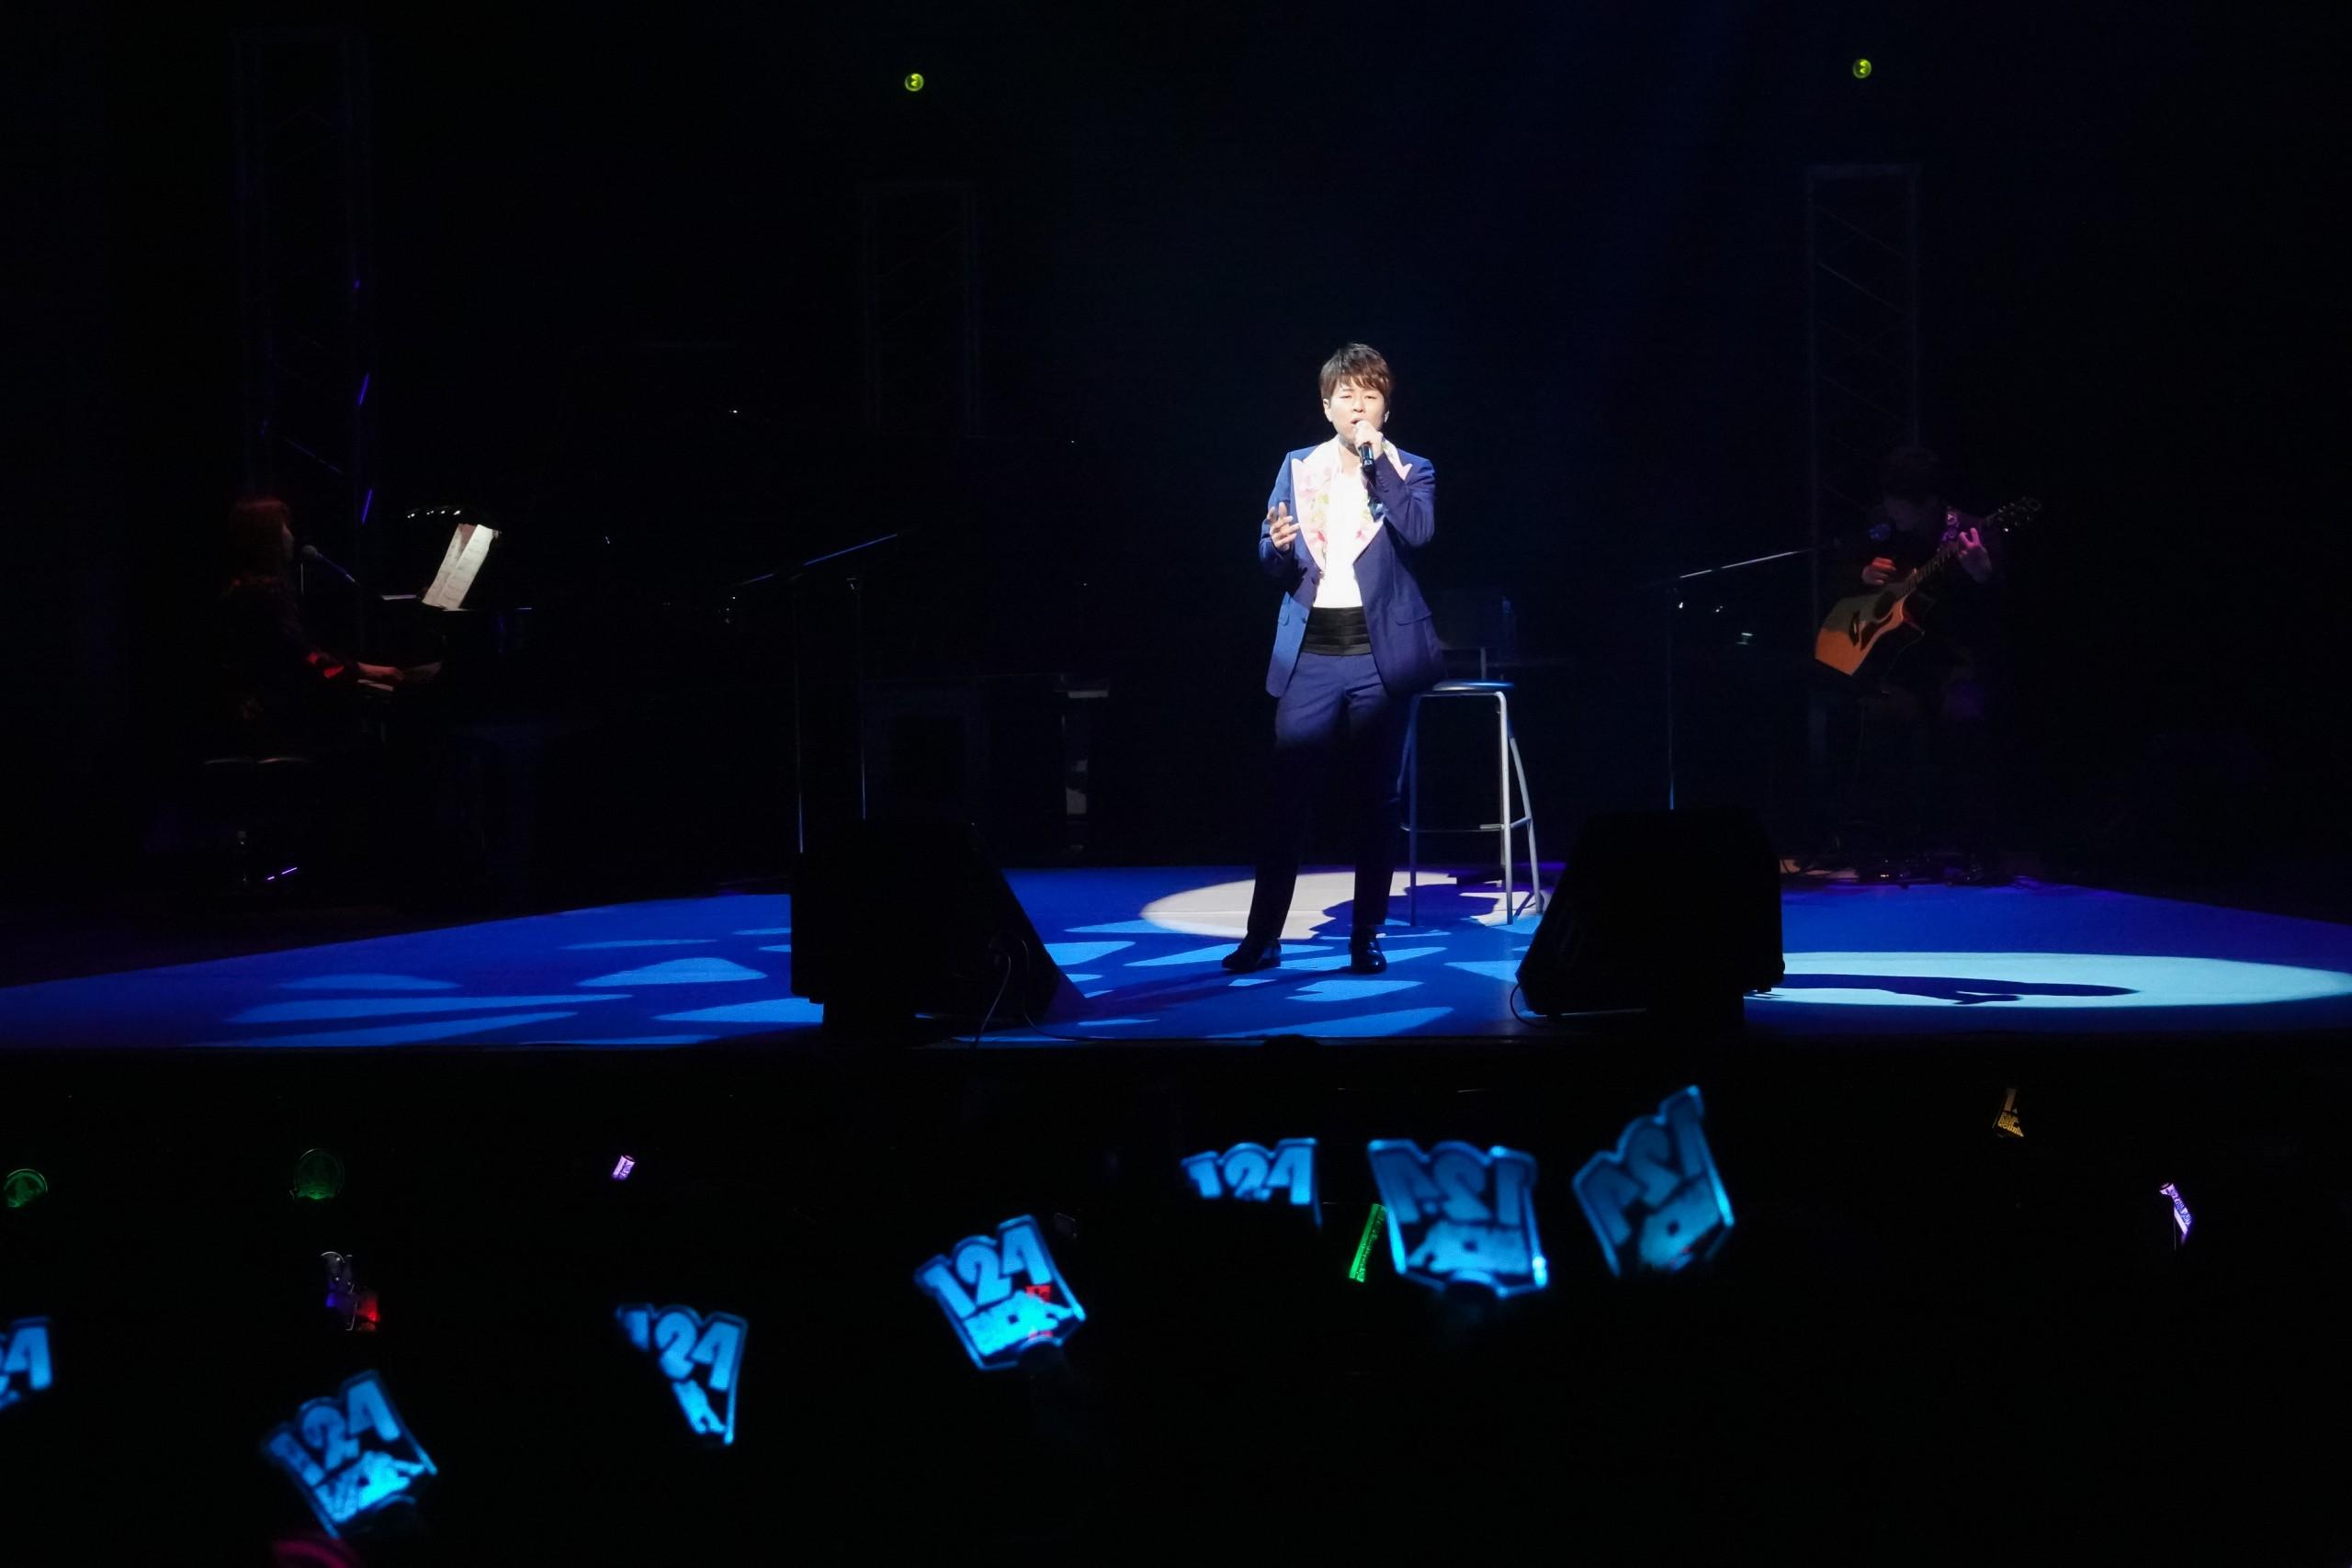 パク・ジュニョン10周年記念コンサート